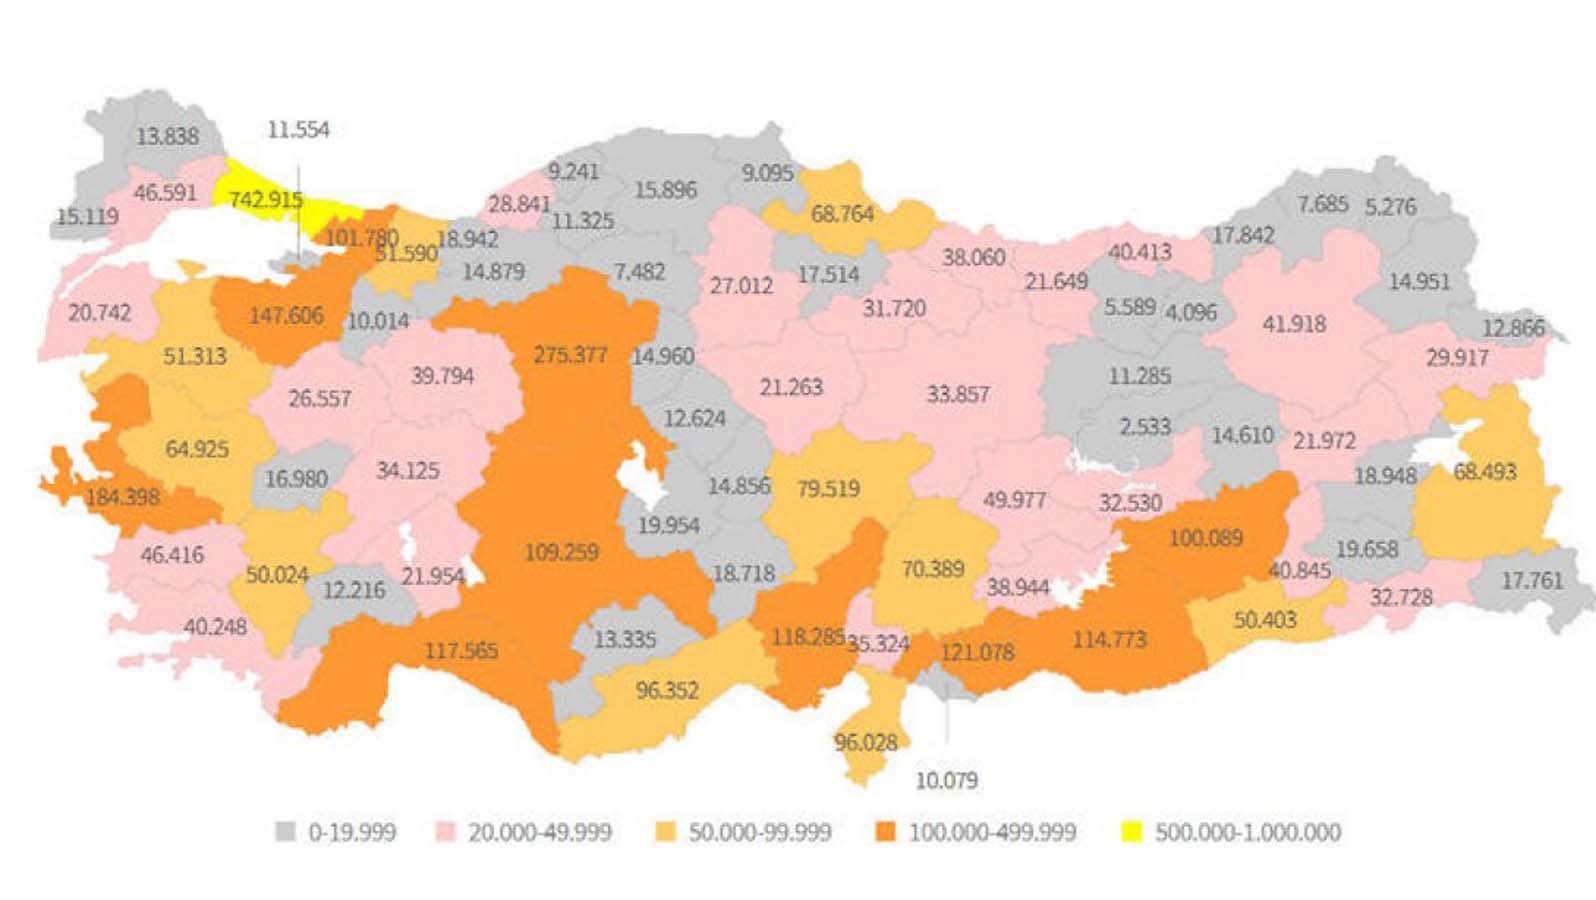 Türkiye Geneli Mesleki Eğitim Haritası Çıkarıldı